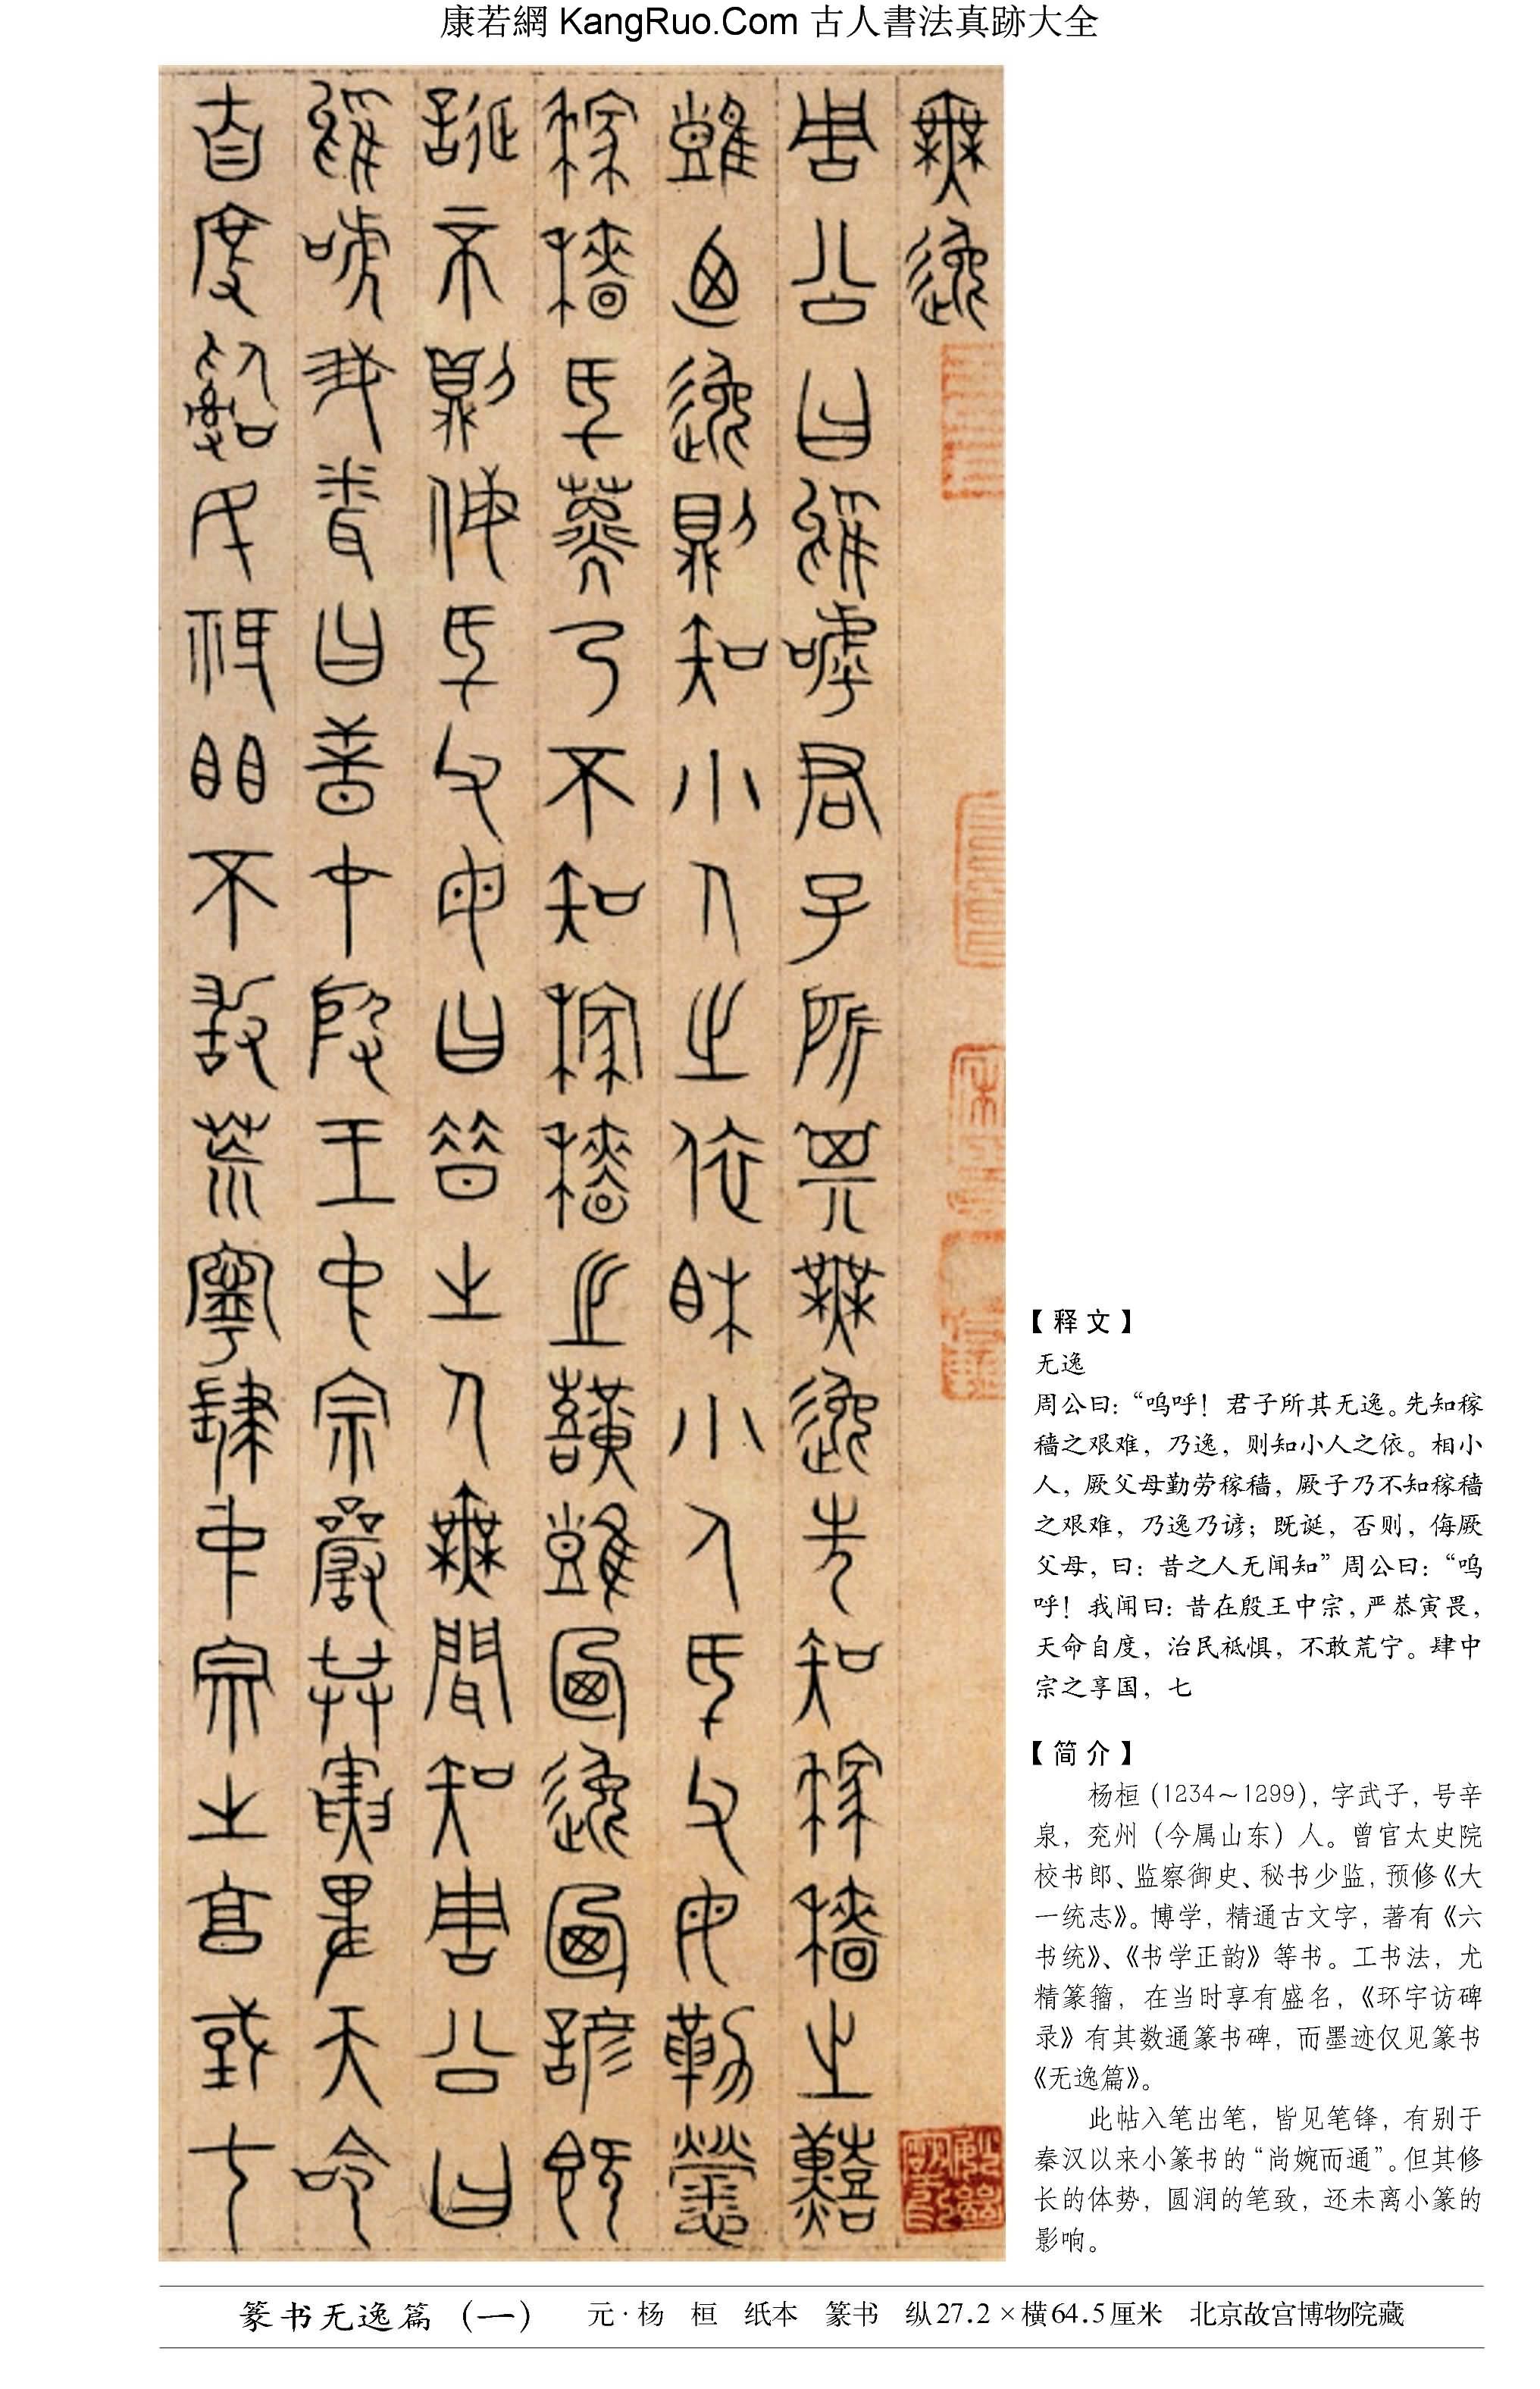 《篆書無逸篇》書法真跡【元朝·楊桓】_00254